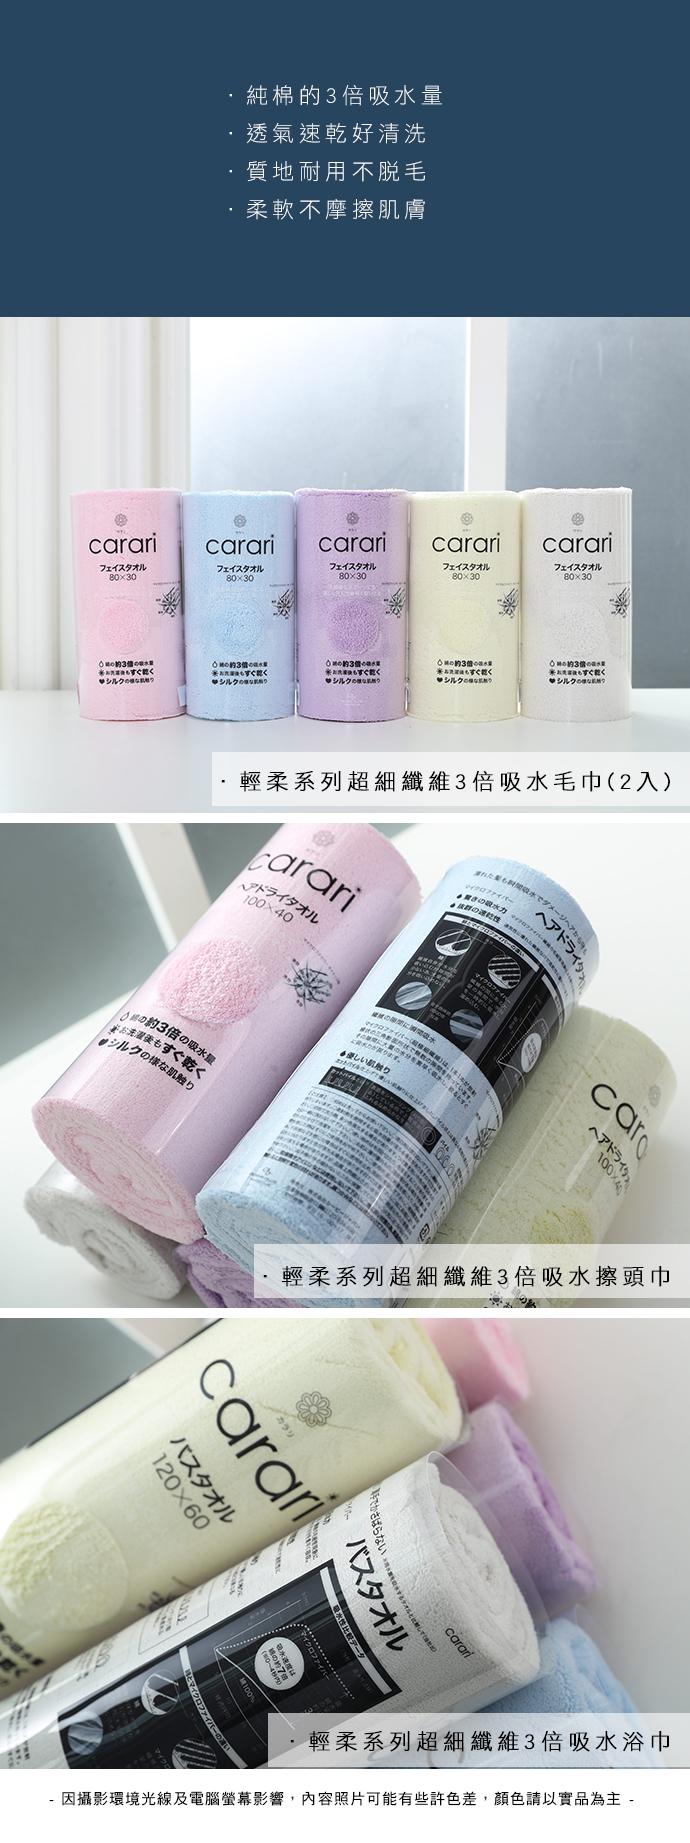 CB Japan|輕柔系列超細纖維3倍吸水浴巾 - 甜心粉